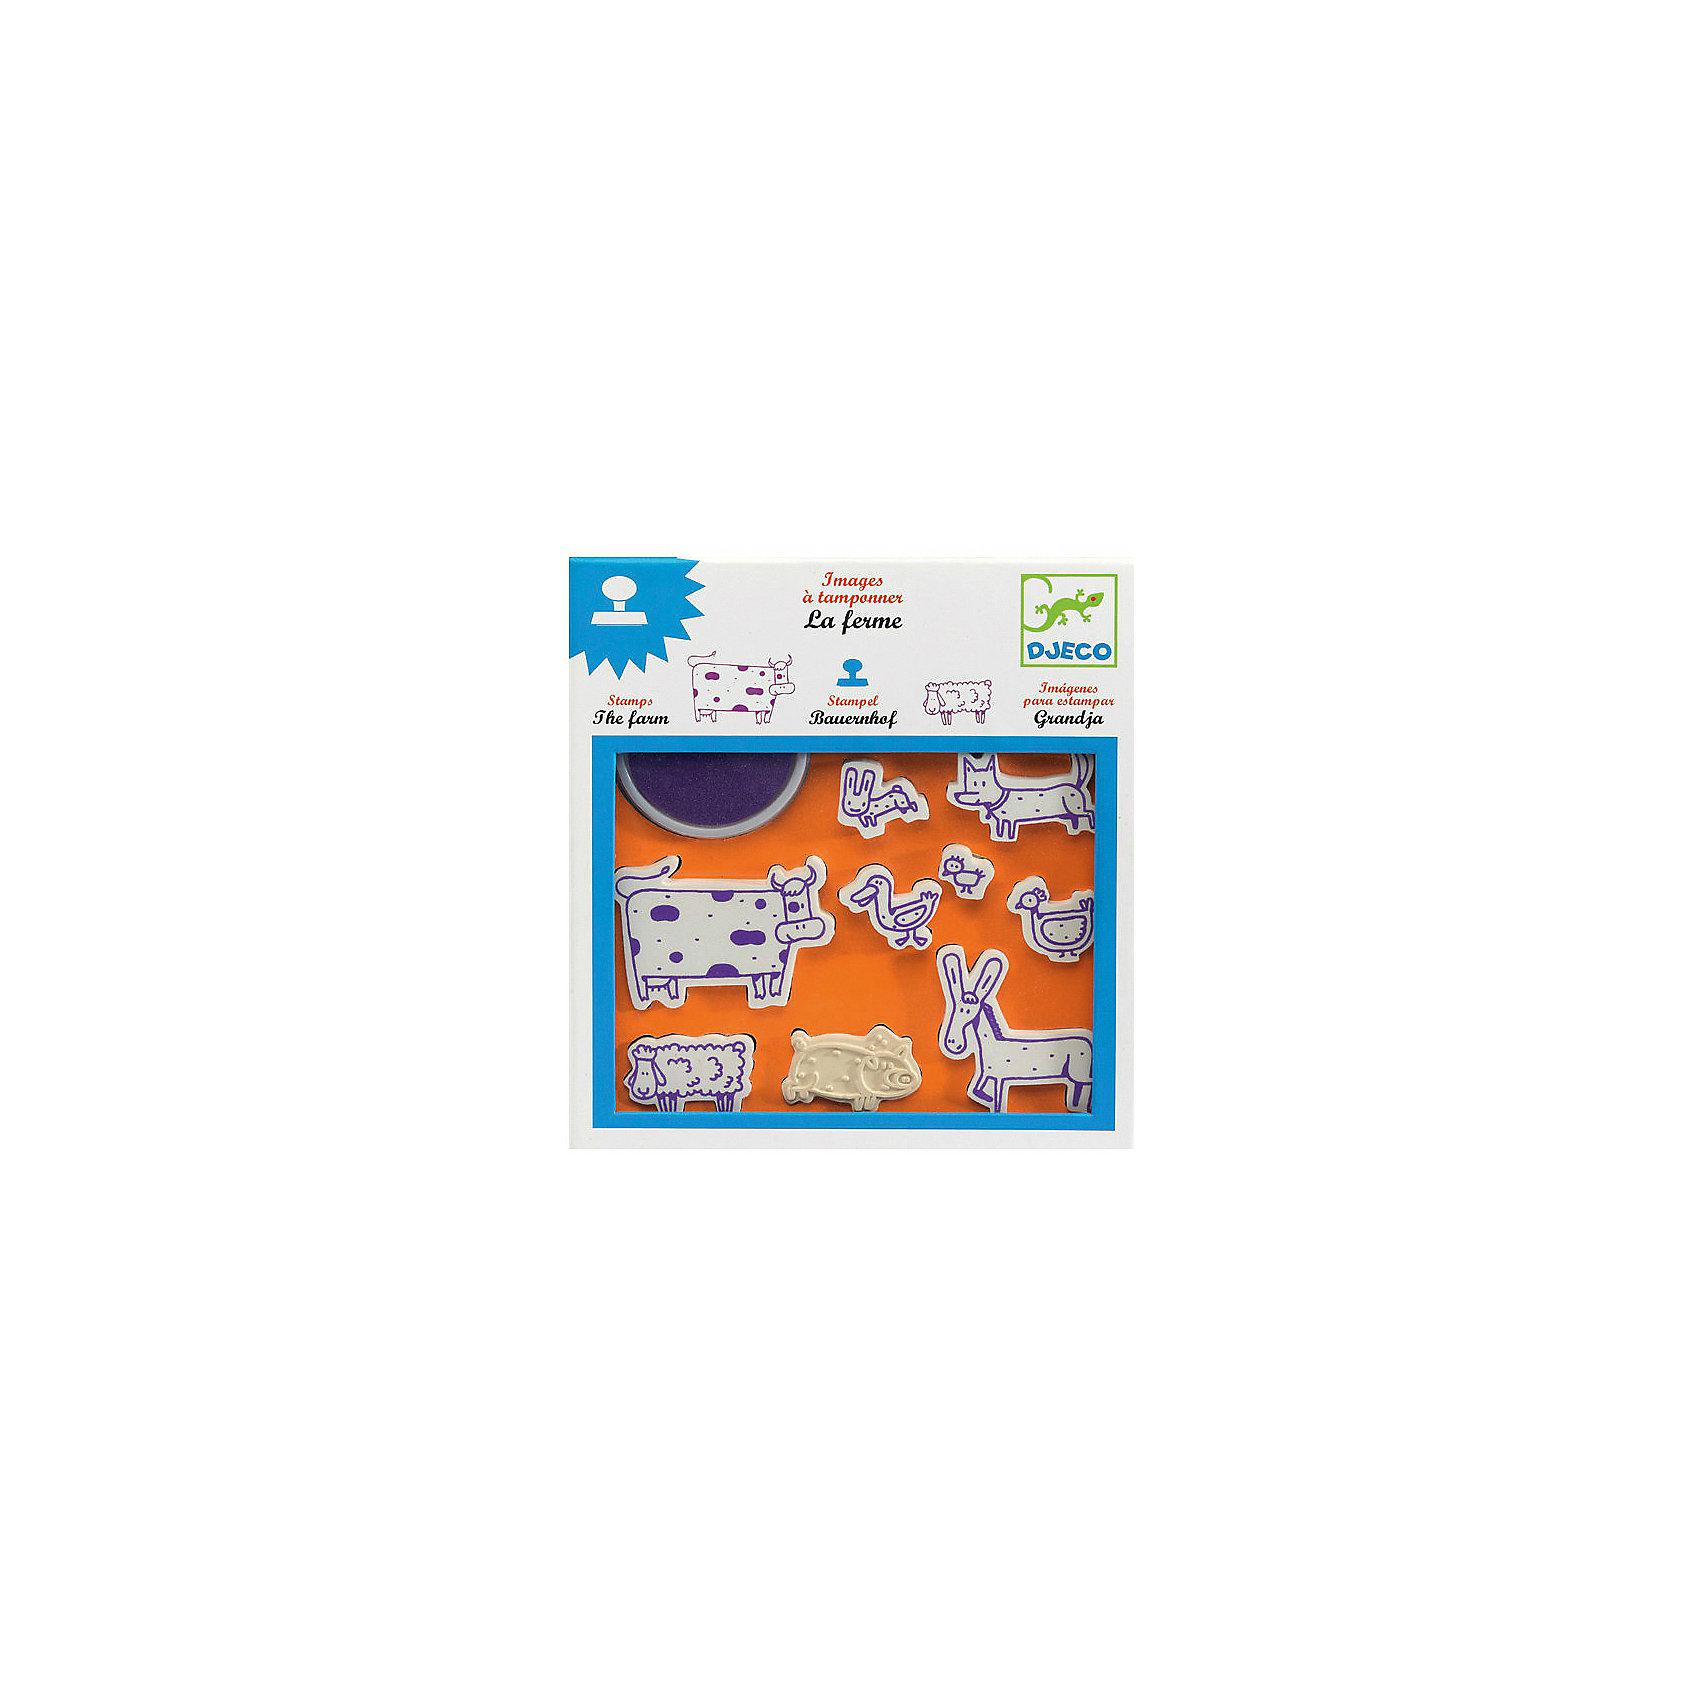 Набор штампов Ферма, DJECOХарактеристики набора штампов Ферма:<br><br>• возраст: от 3 лет<br>• пол: универсальный<br>• комплект: 9 штампов, штемпельная подушечка.<br>• состав: резина, пластик<br>• размер упаковки: 21 х 23 х 2 см.<br>• упаковка: картонная коробка открытого типа.<br>• бренд: Djeco<br>• страна обладатель бренда: Франция.<br><br>Набор штампов Ферма от бренда Djeco содержит 9 клише с изображением разнообразных животных, обитающих на домашнем дворе. Штампы помогут ребенку оригинально украсить любой предмет - блокнот, альбом, тетрадь, открытку или поделку. Оригинальные изображение поросенка, коровы, ослика, собаки, цыпленка и других домашних питомцев сделают процесс штампирования веселым и увлекательным.<br><br>Набор штампов Ферма от торговой марки Djeco (Джеко) можно купить в нашем интернет-магазине.<br><br>Ширина мм: 230<br>Глубина мм: 210<br>Высота мм: 20<br>Вес г: 290<br>Возраст от месяцев: 36<br>Возраст до месяцев: 2147483647<br>Пол: Унисекс<br>Возраст: Детский<br>SKU: 5448807